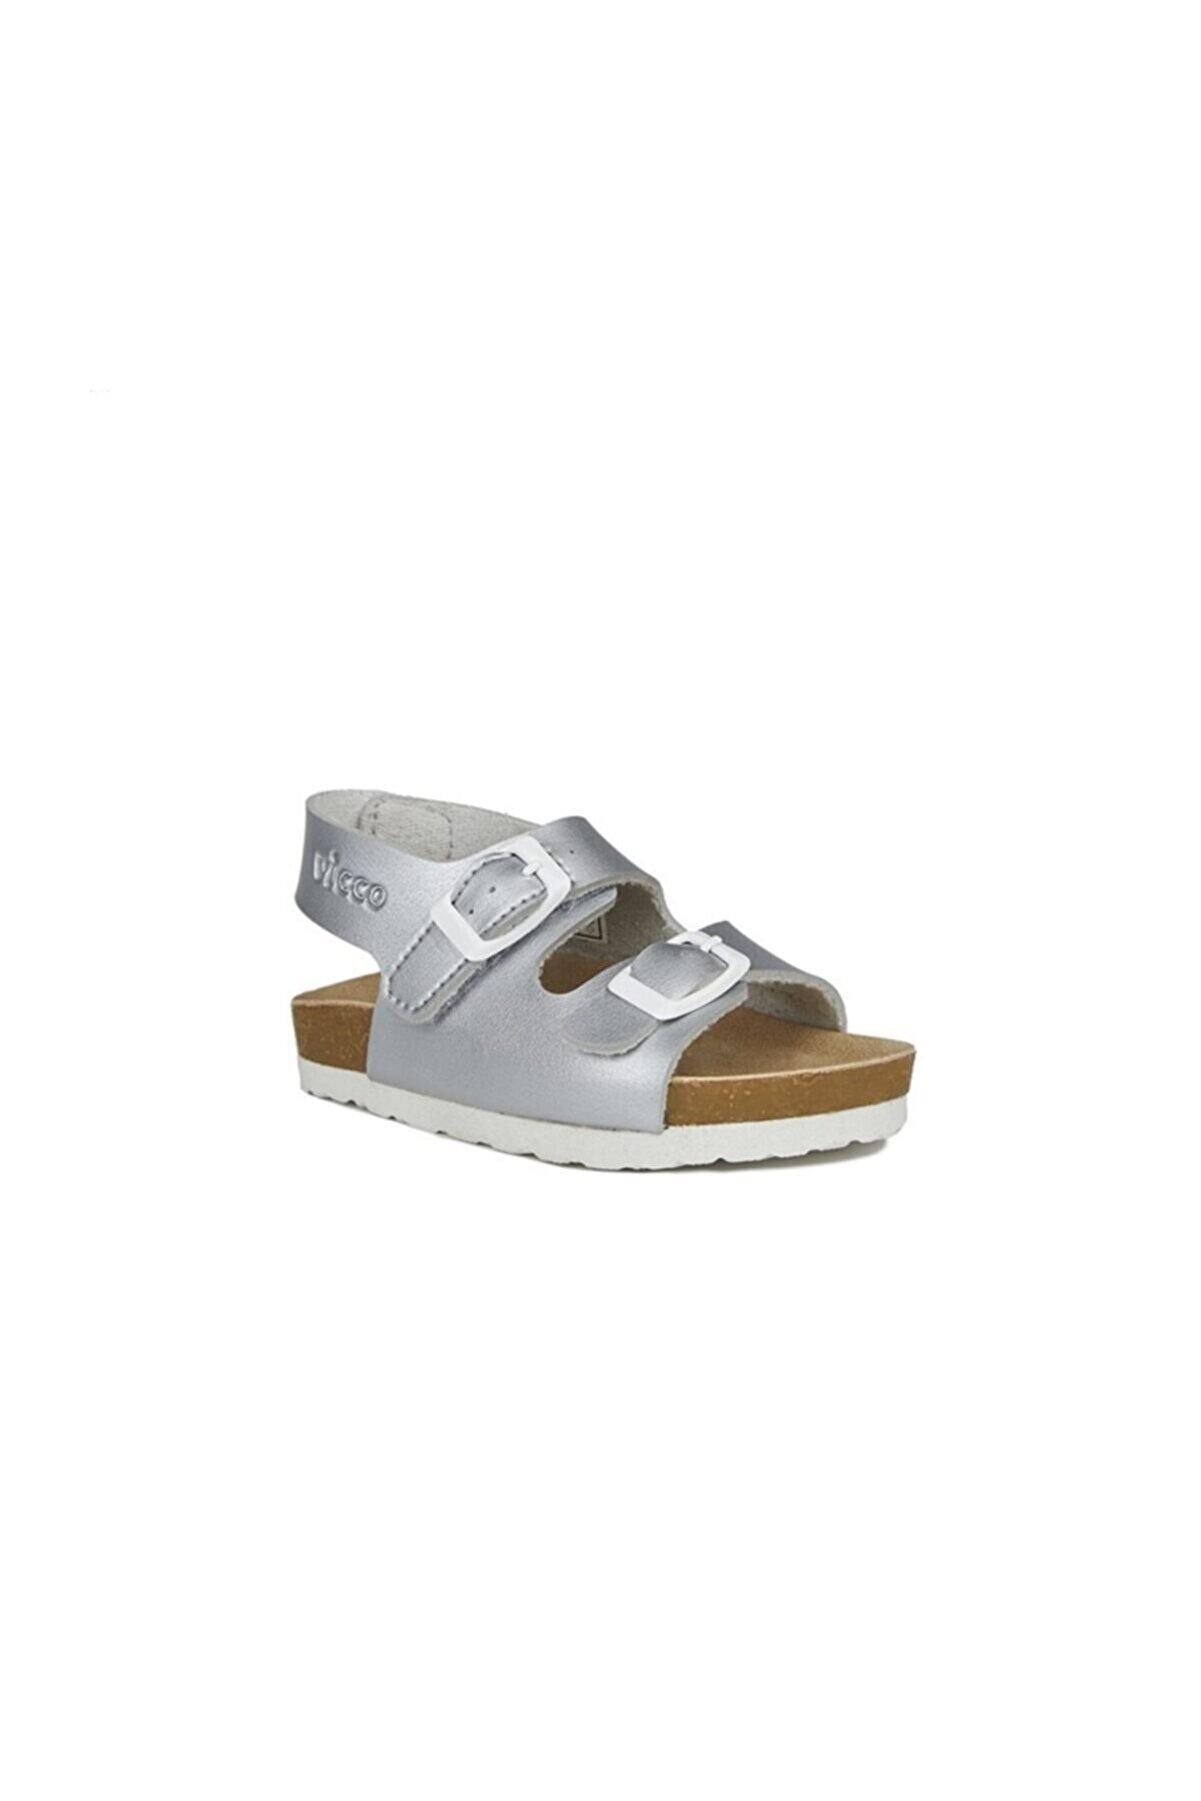 Vicco 321.p20y.360 Gümüş (26-30) Anatomik Çocuk Sandalet Ayakkabı